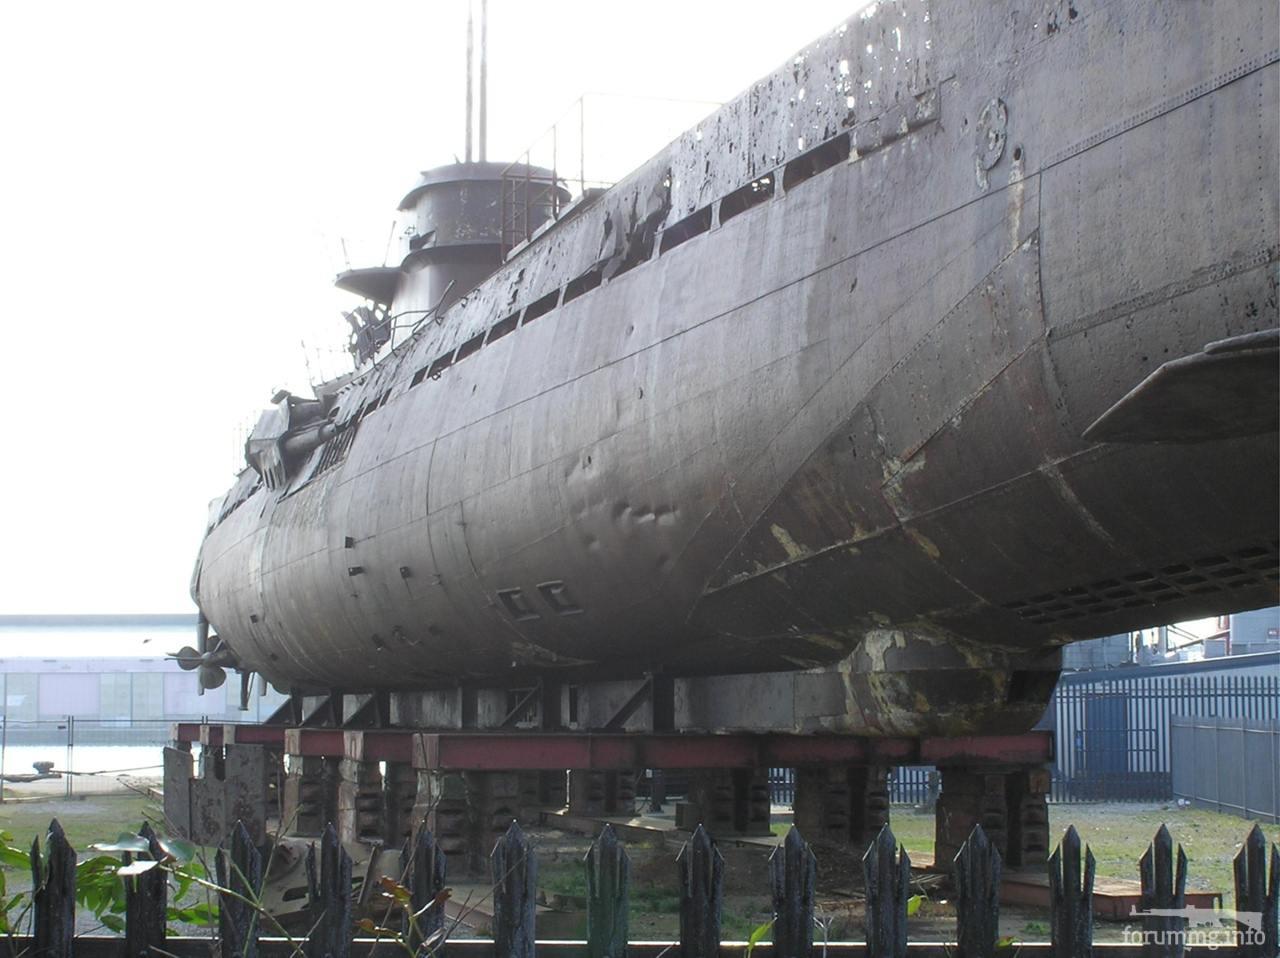 127352 - Как сделать музей с U-534